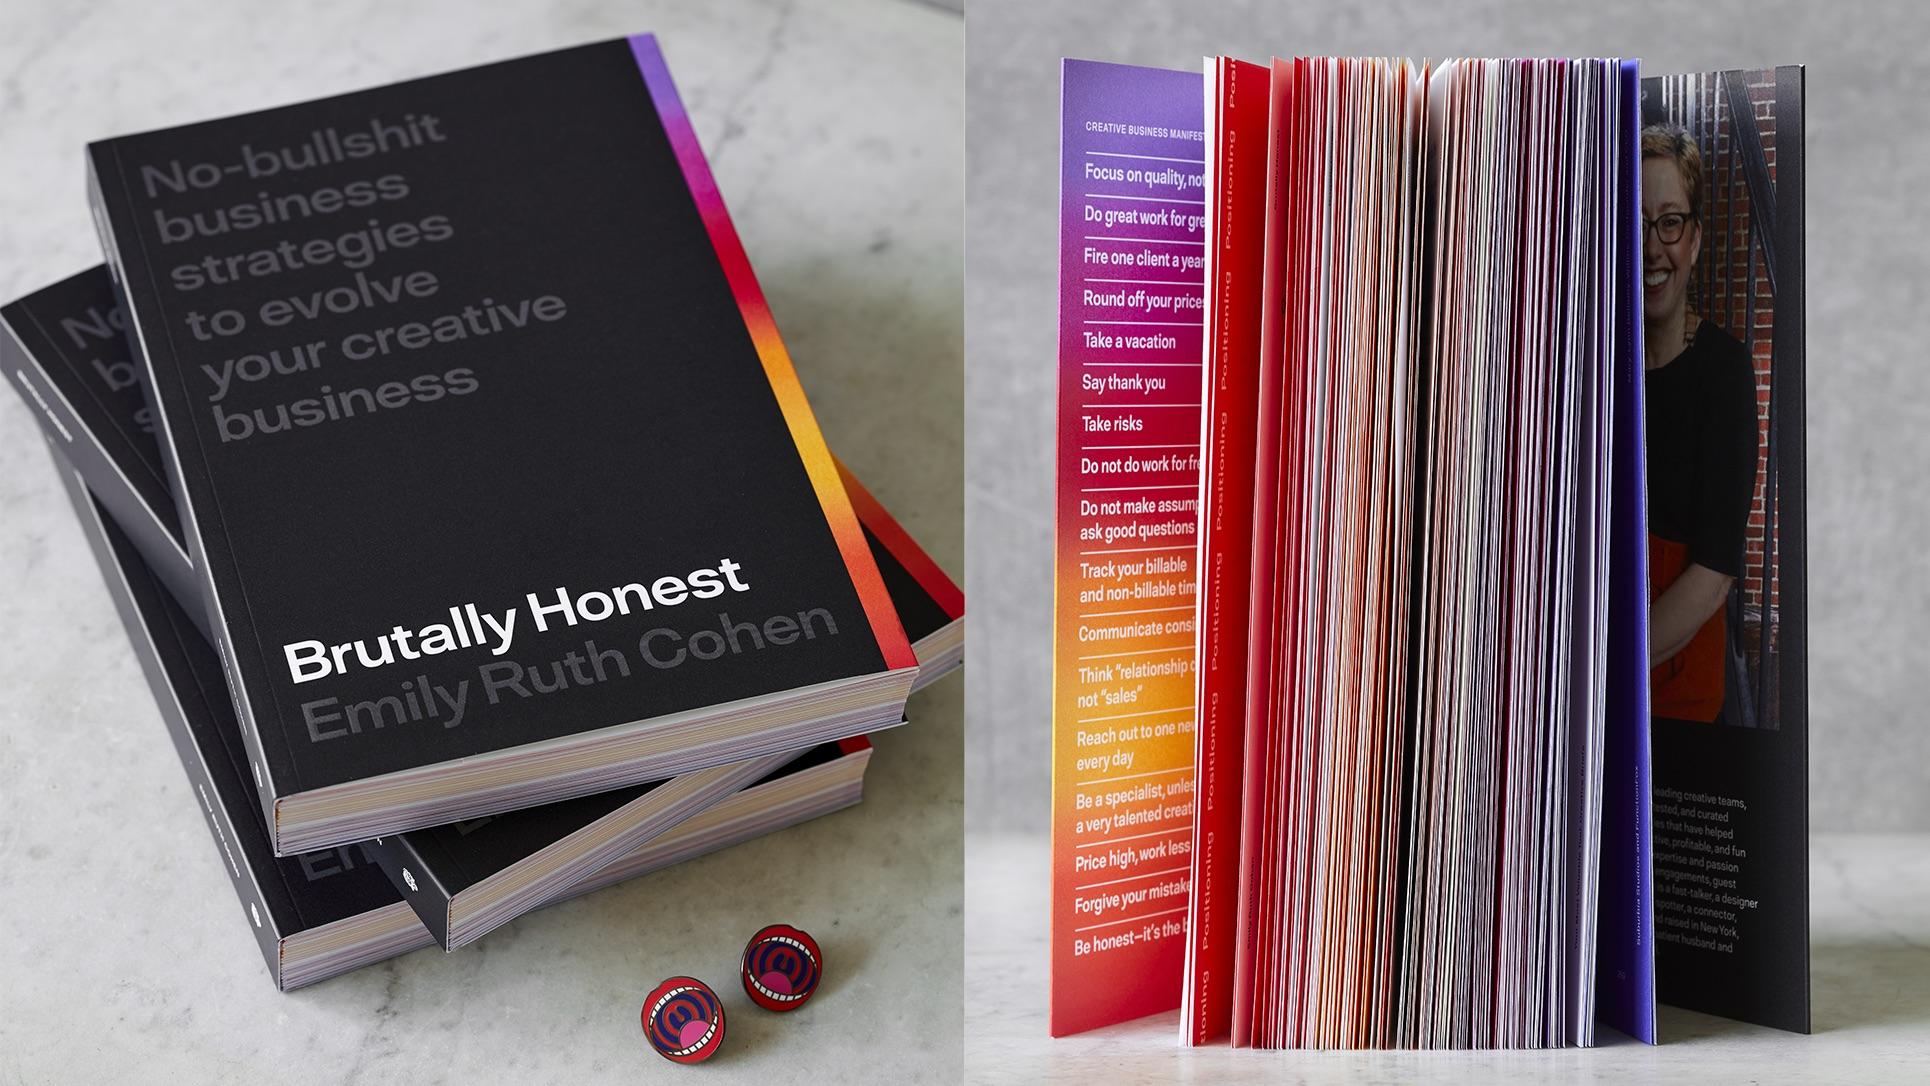 Brutally Honest, the book